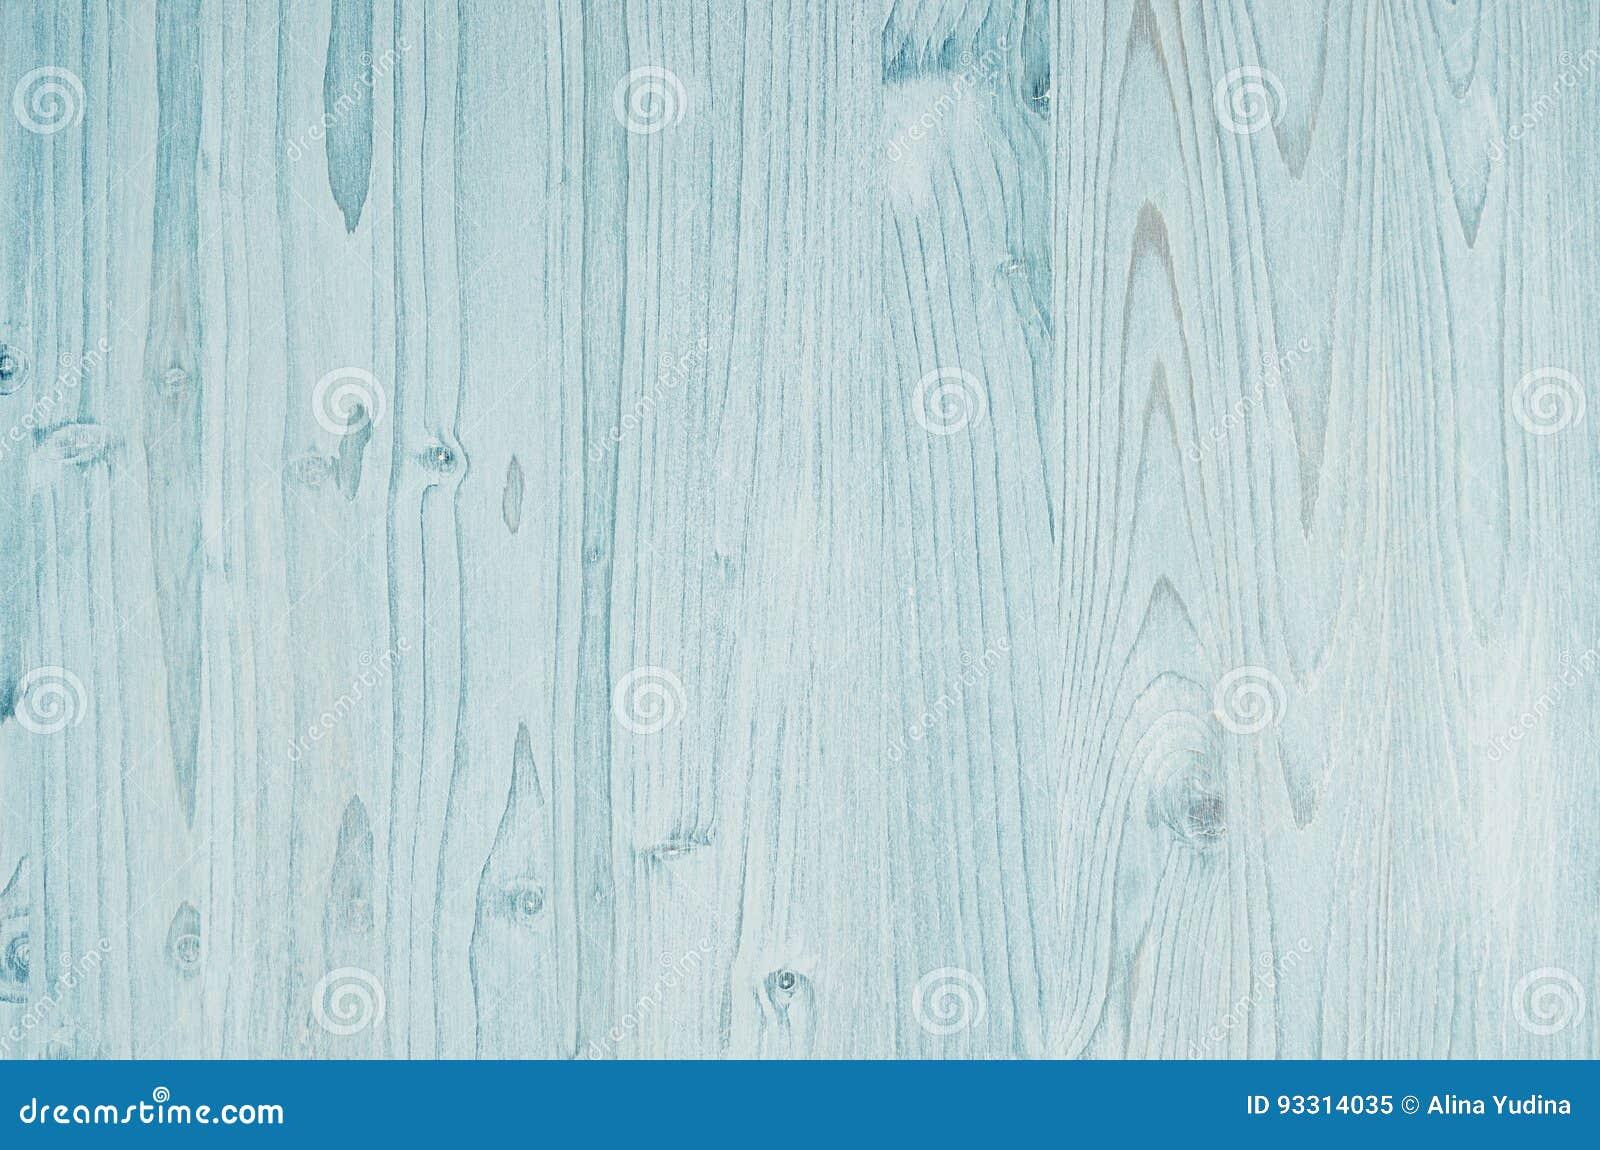 Light Aqua Blue Vintage Wood Texture Top View Wooden Board